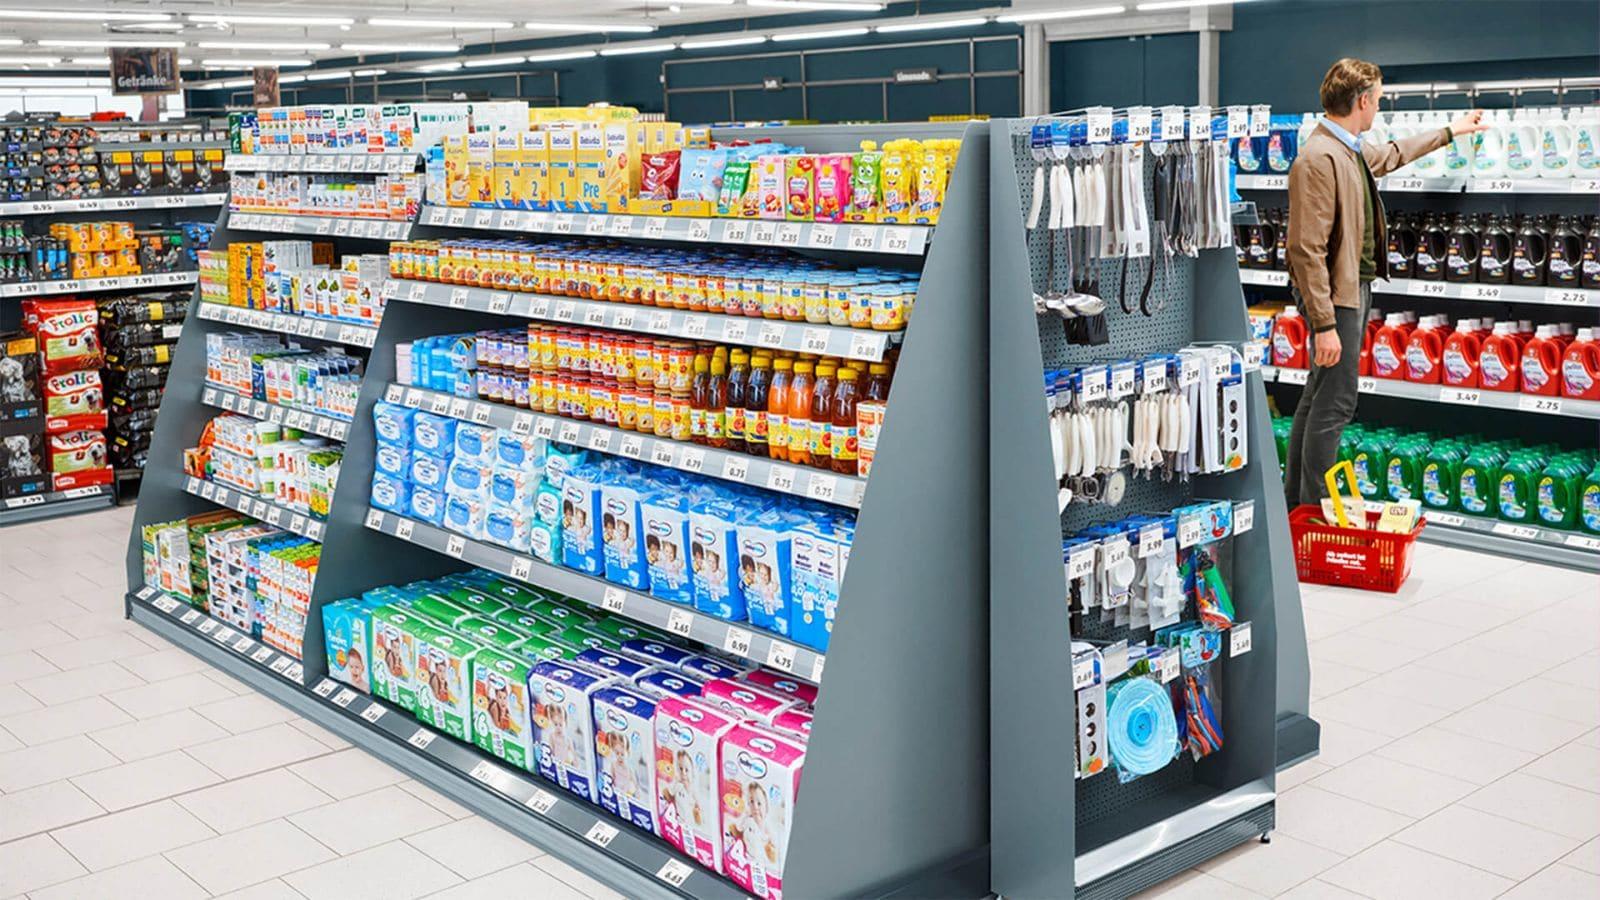 Großes Hygieneartikel-Regal im neuen Super-Discount